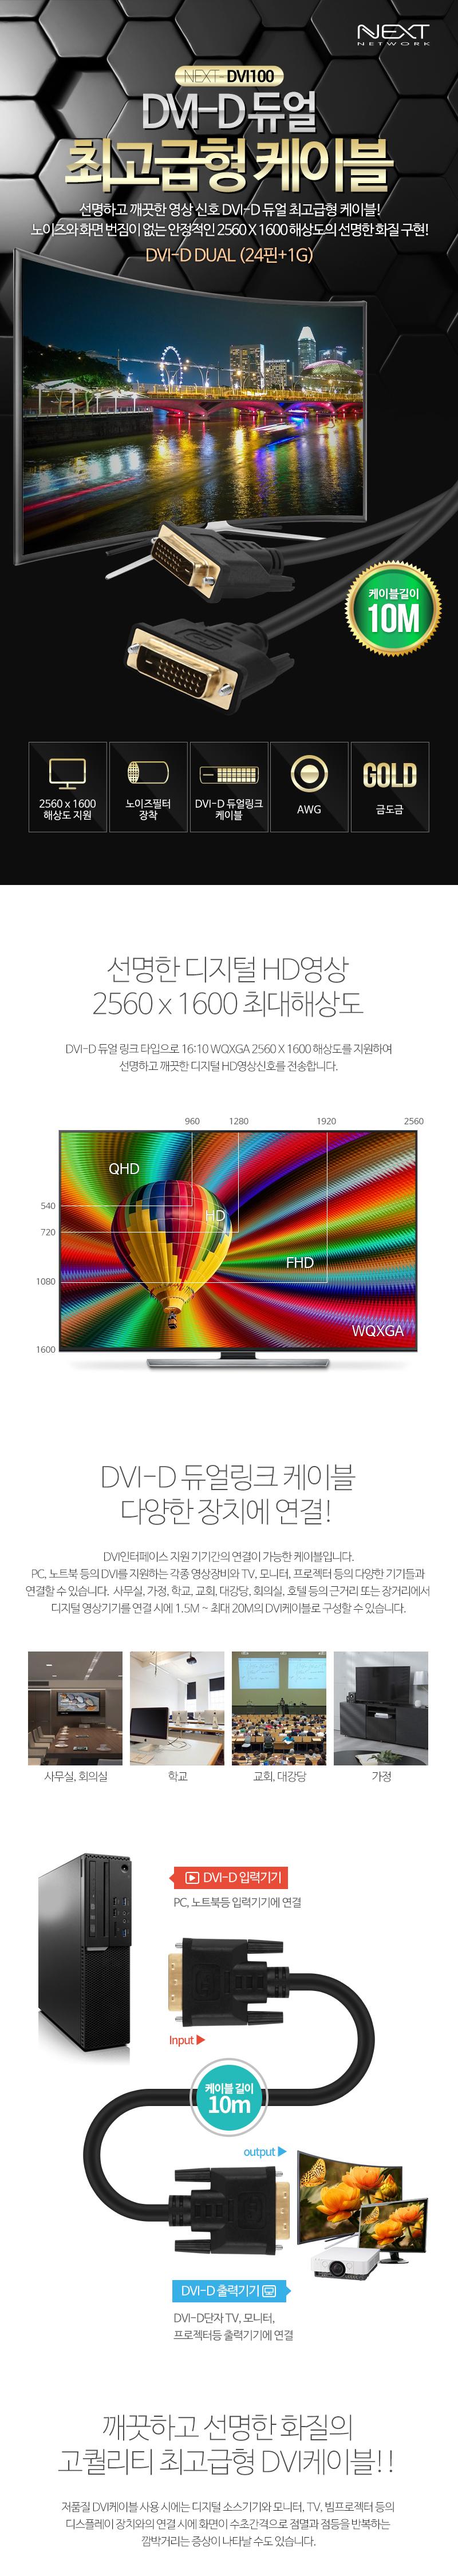 이지넷유비쿼터스 넥스트 DVI-D 듀얼 최고급형 케이블 (NEXT-DVI) (10m)